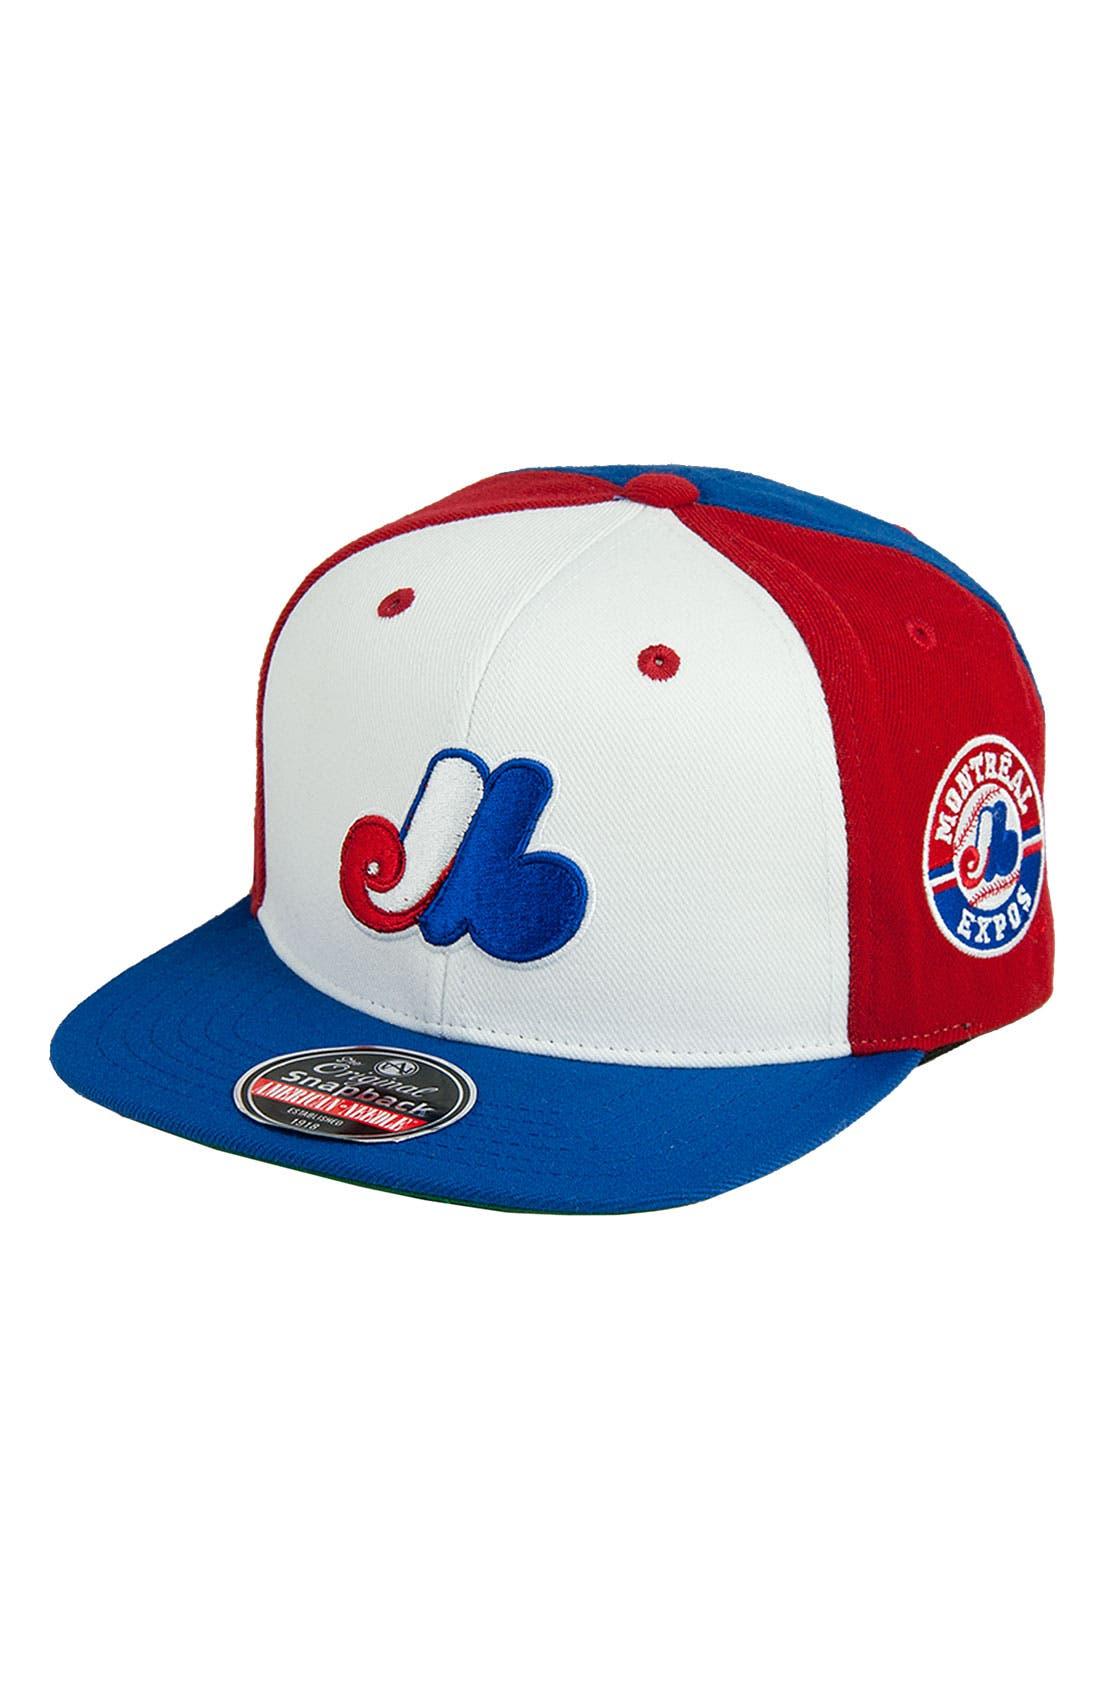 Main Image - American Needle 'Blockhead Expos' Snapback Baseball Cap